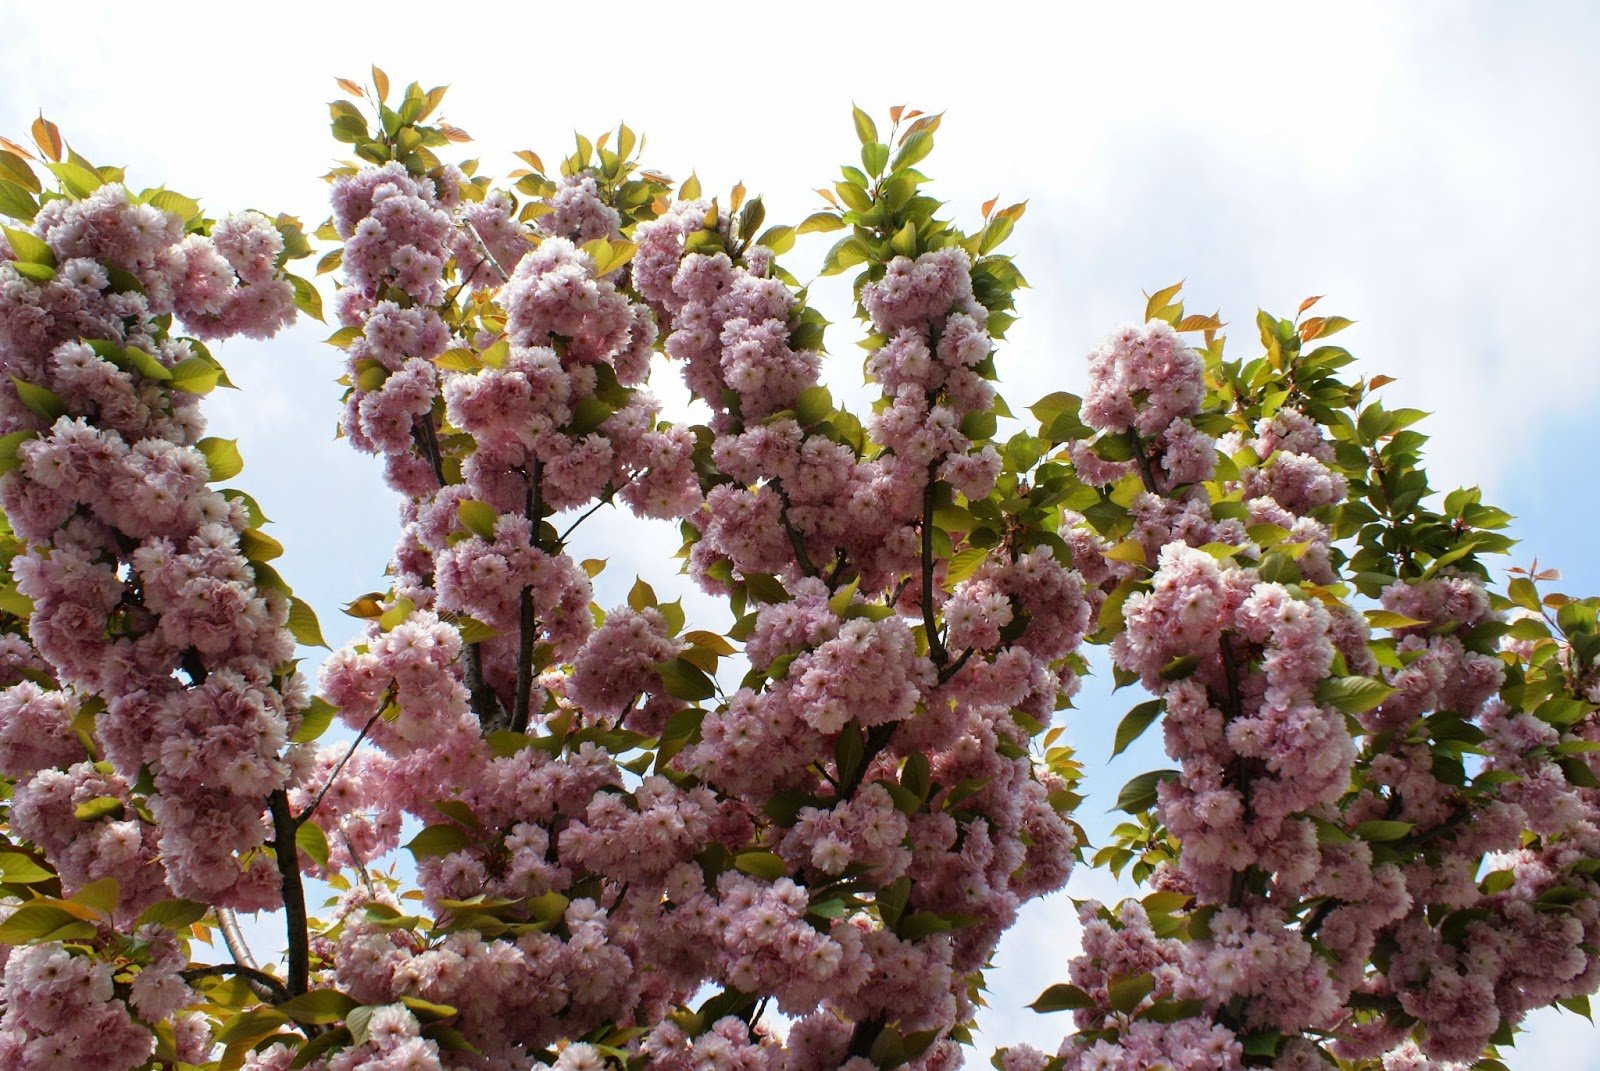 Parcul Rozelor din Timisoara - 24 aprilie 2015 (1)